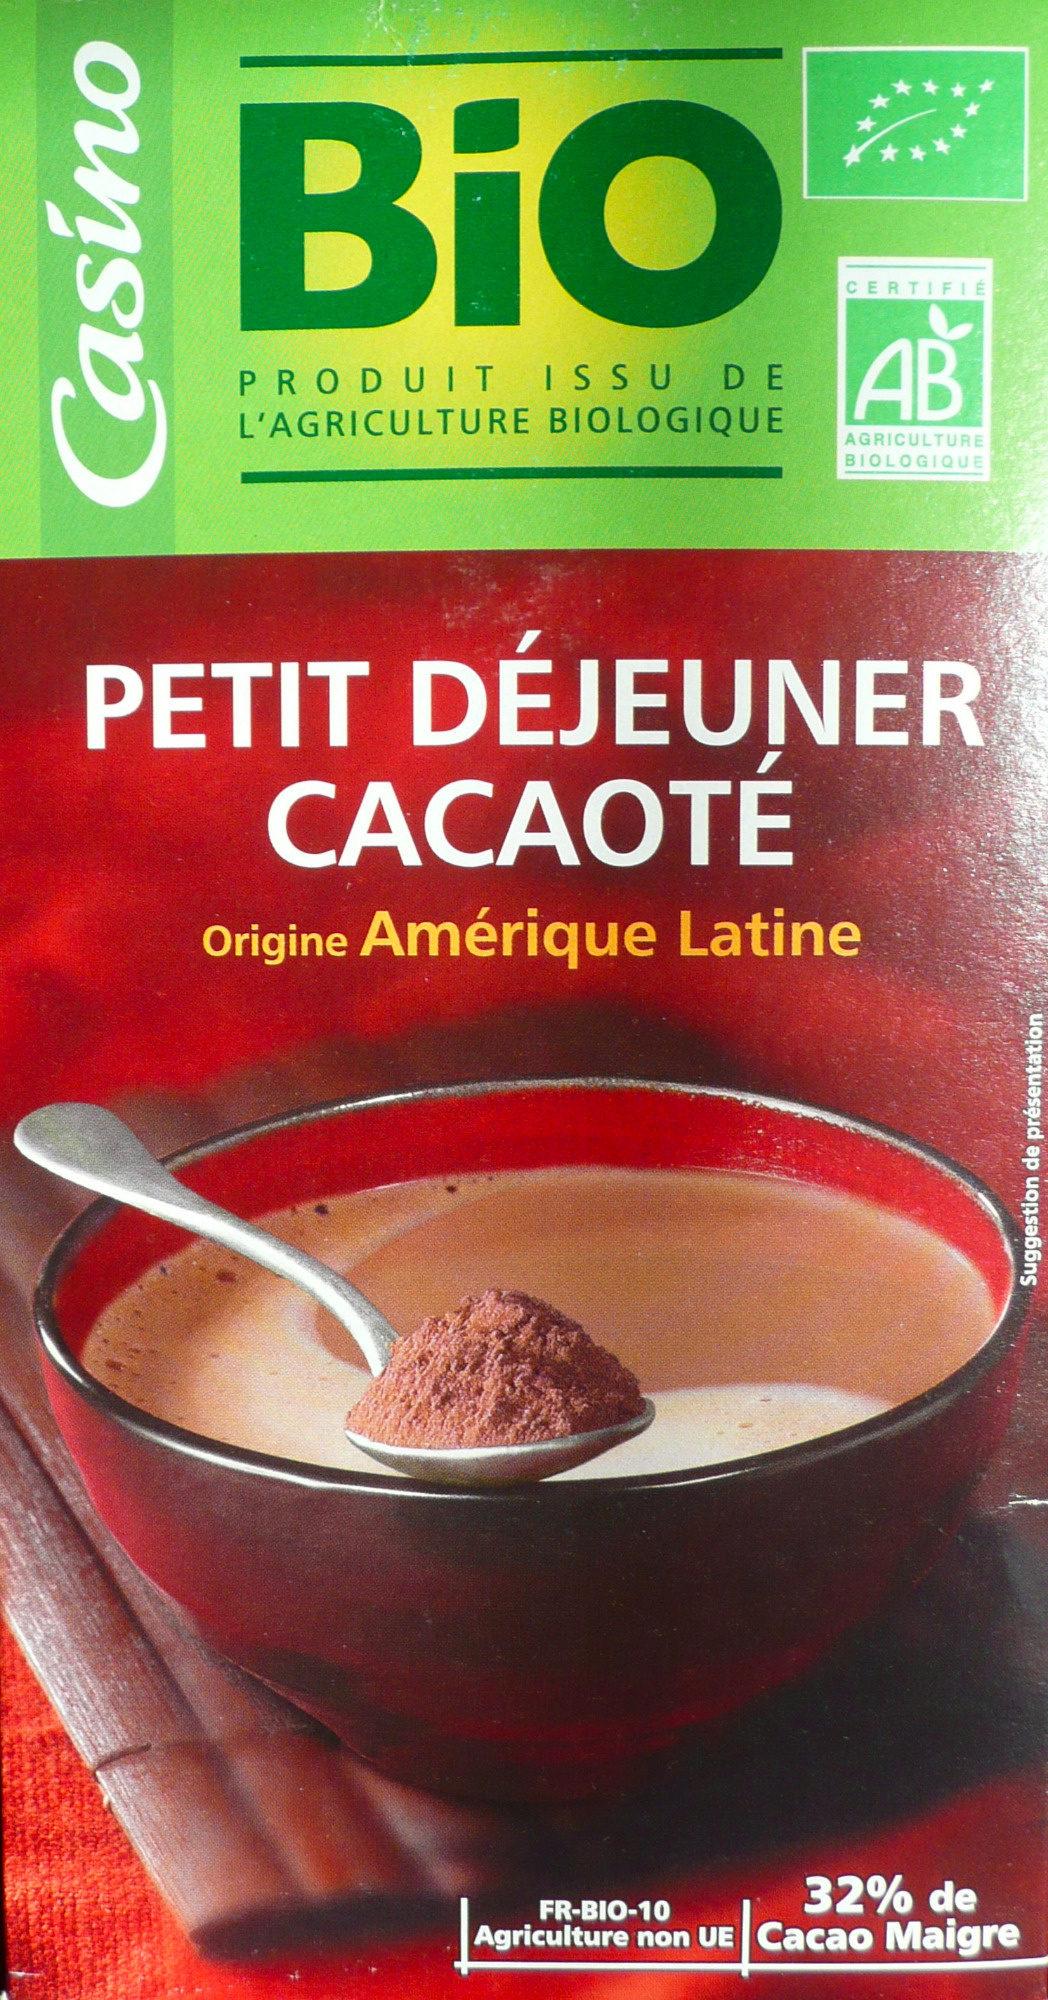 Petit déjeuner cacaoté - origine Amérique Latine - Product - fr